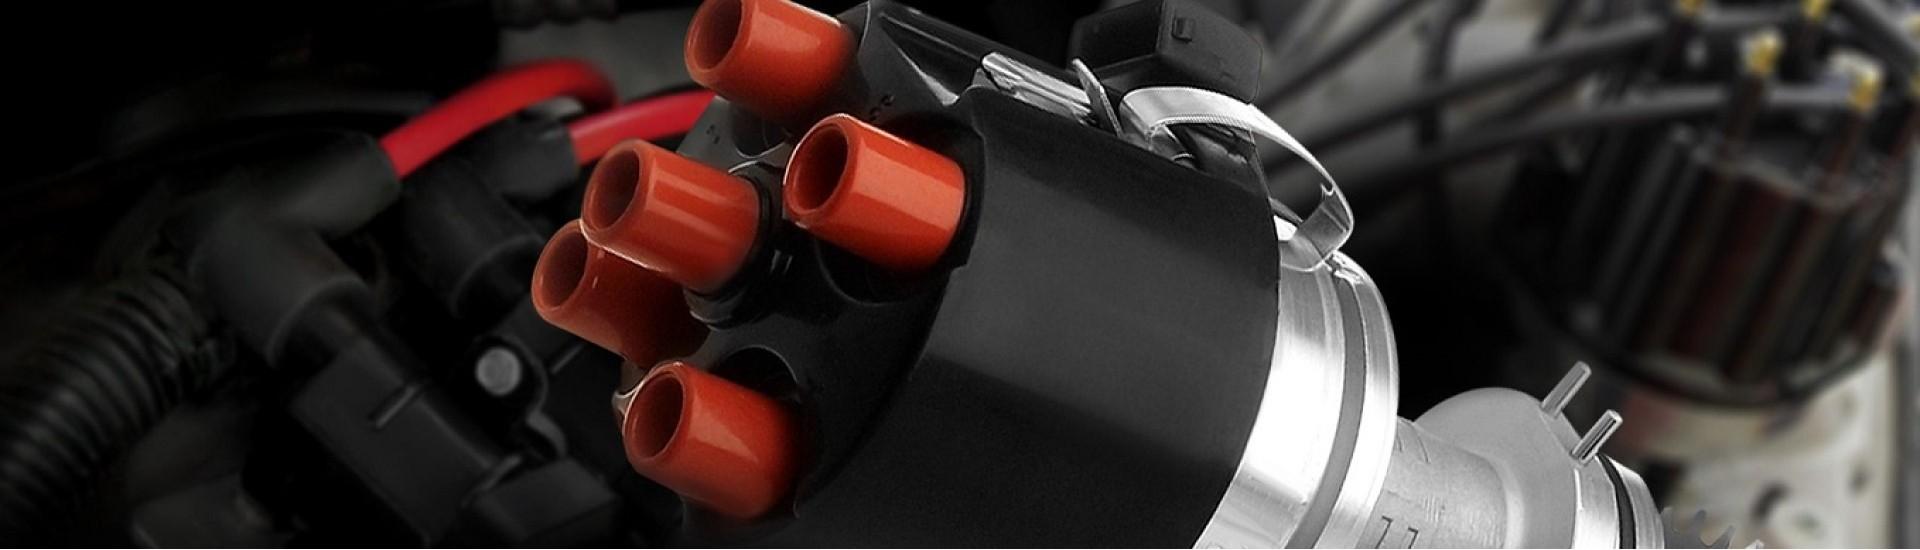 سیستم انتقال برق ، قیمت سیستم انتقال برق ، ignition parts